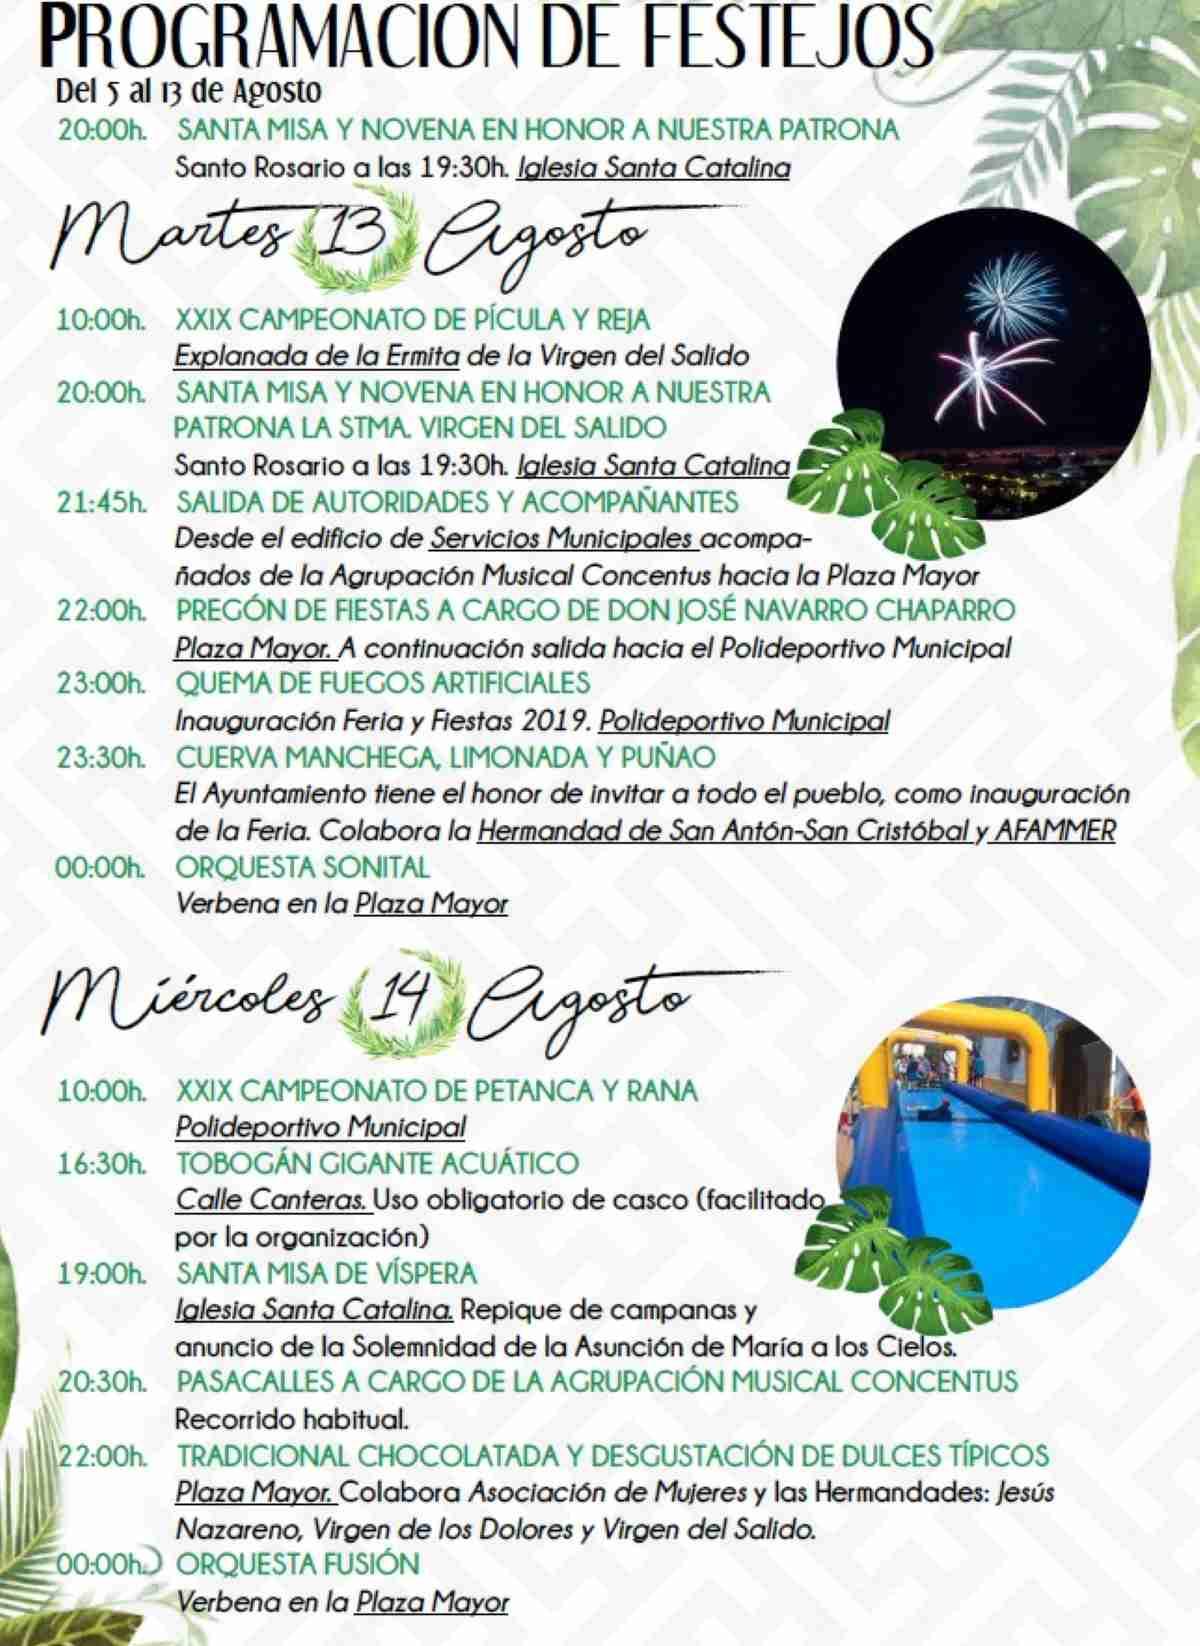 Carrizosa (Ciudad Real) invita a sus Fiestas de la Virgen del Salido del 13 al 16 de agosto 2